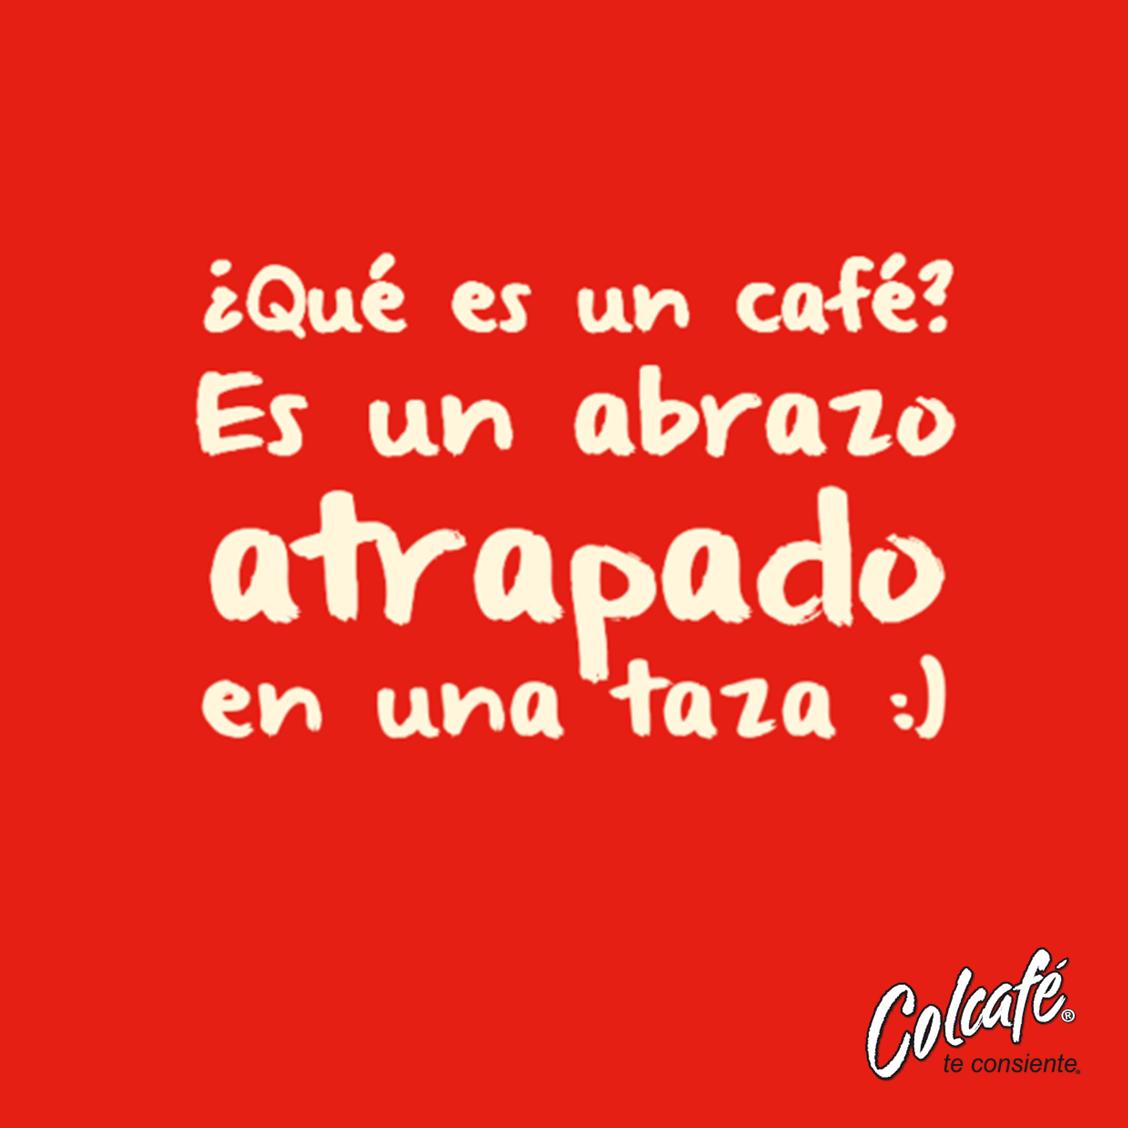 consiente frases colcaf caf de teFrases de café